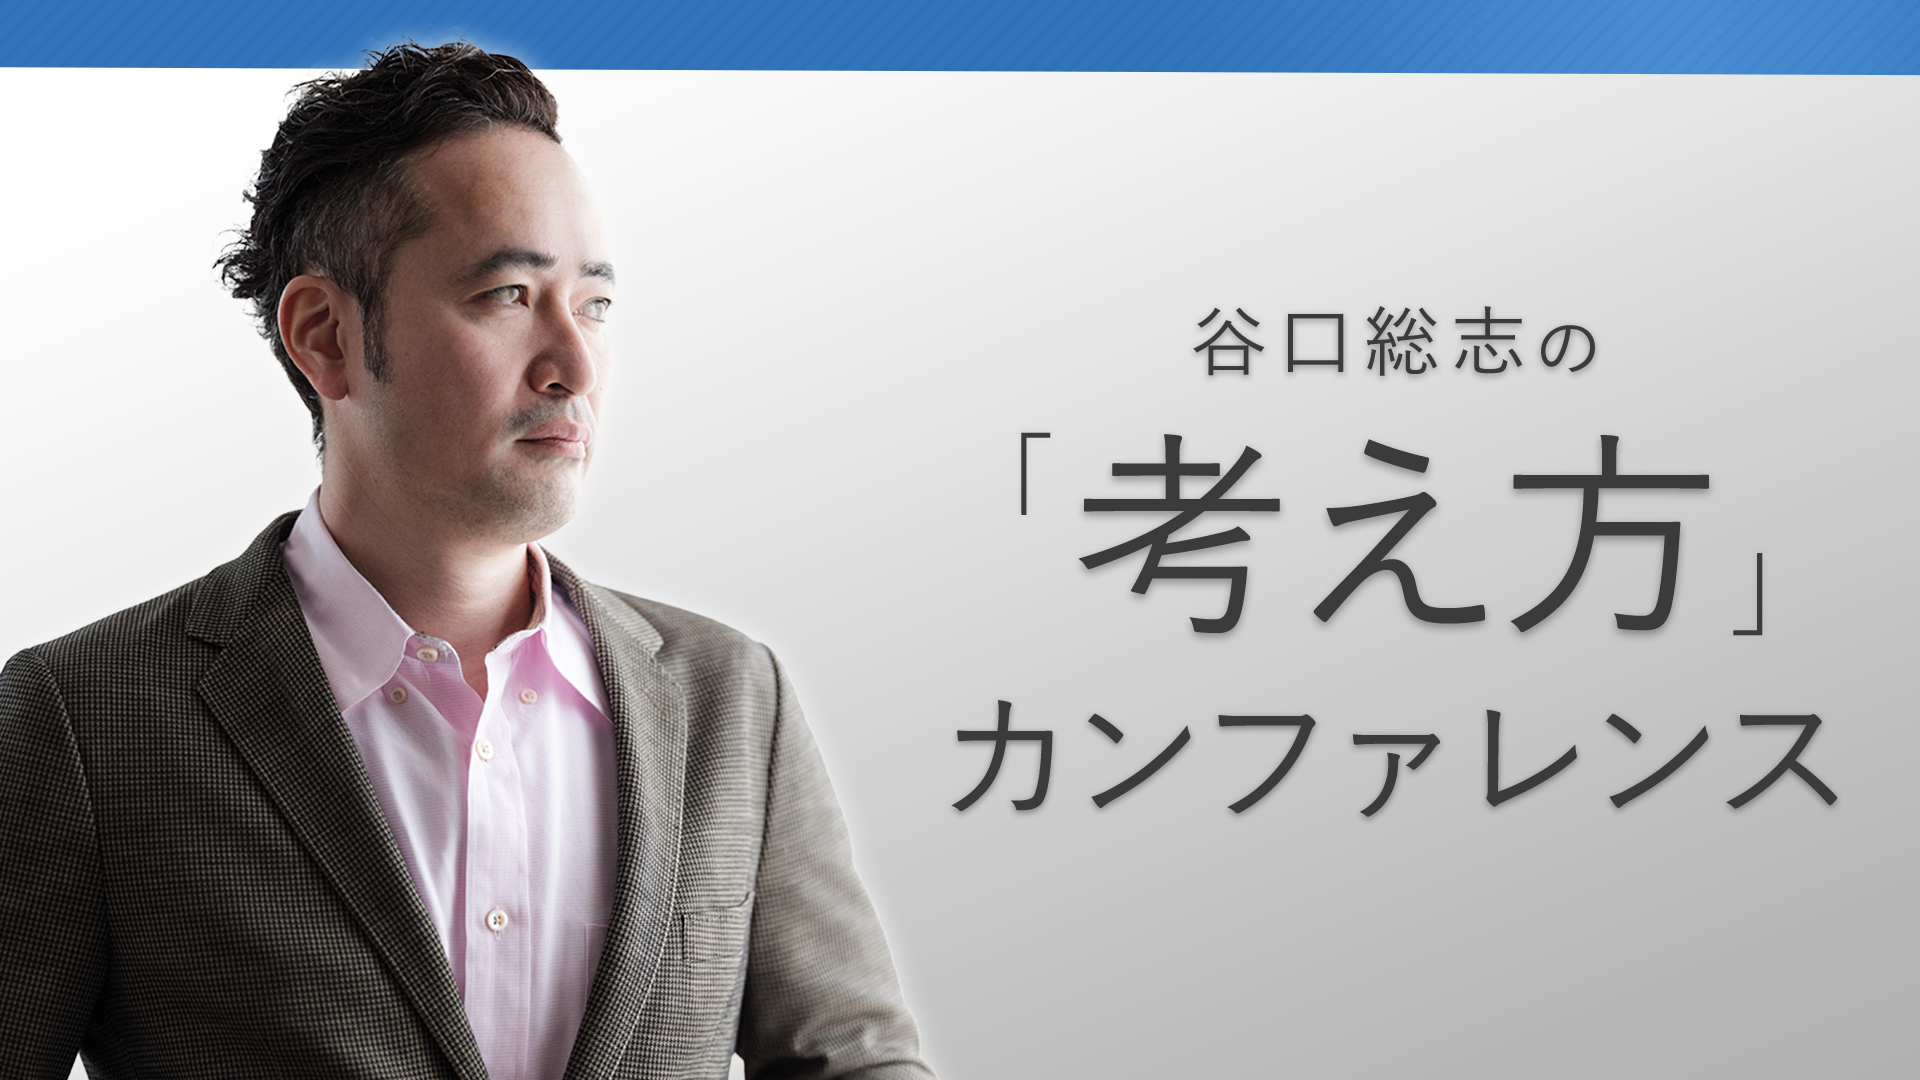 谷口総志の「考え方」カンファレンス